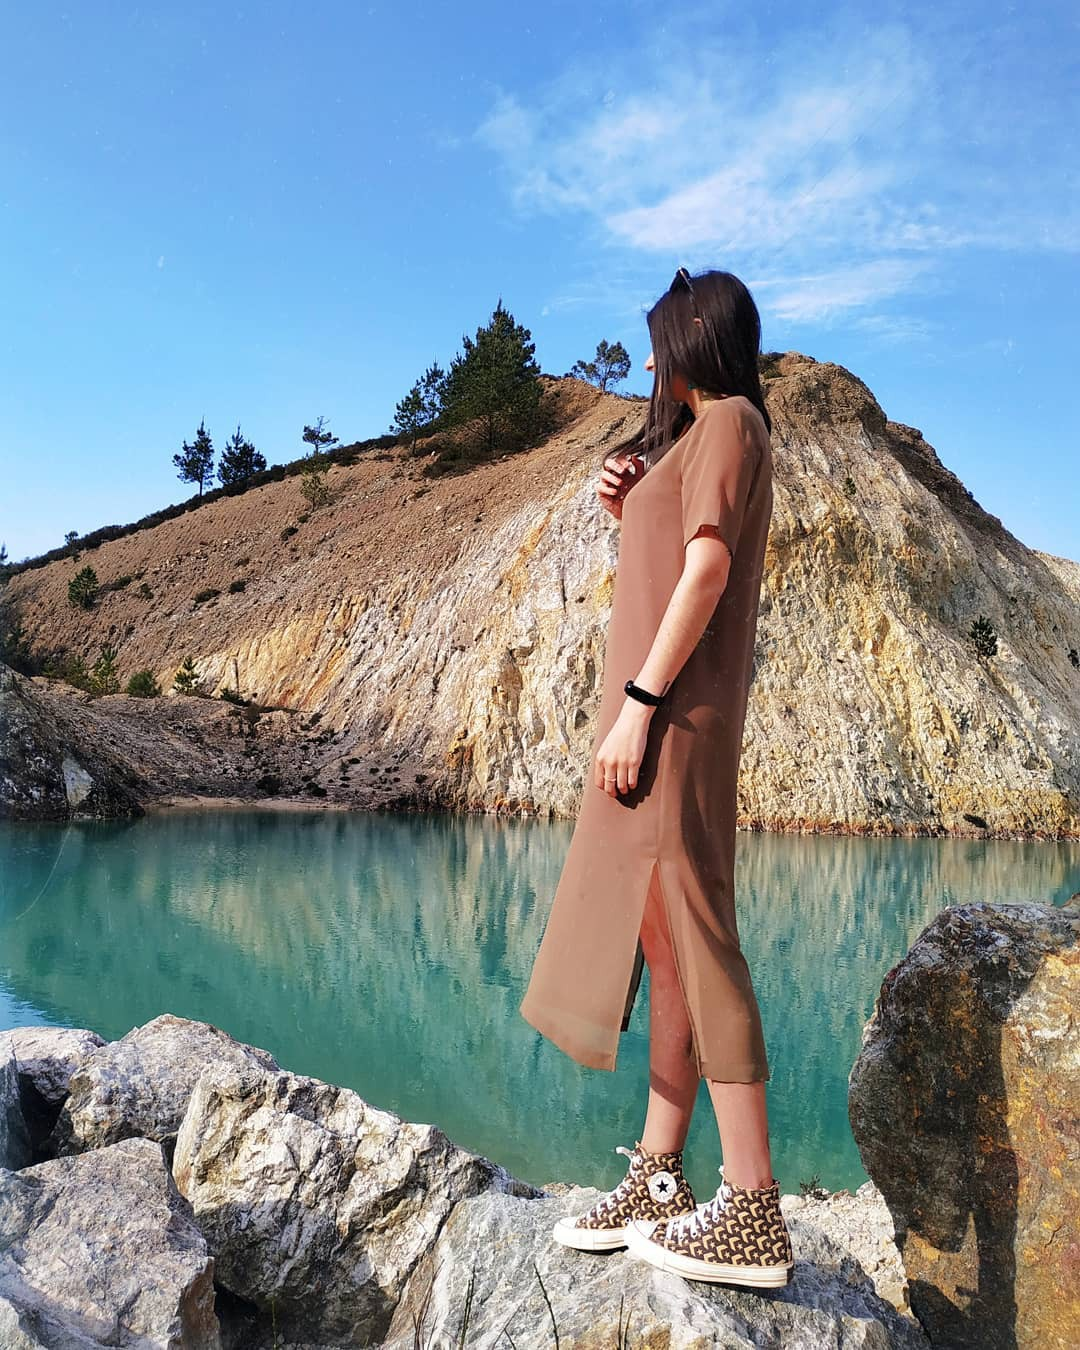 Sốc: Nhập viện hàng loạt sau khi bơi, hồ nước xanh lam nổi tiếng Tây Ban Nha này chính là hiểm họa với du khách - Ảnh 16.